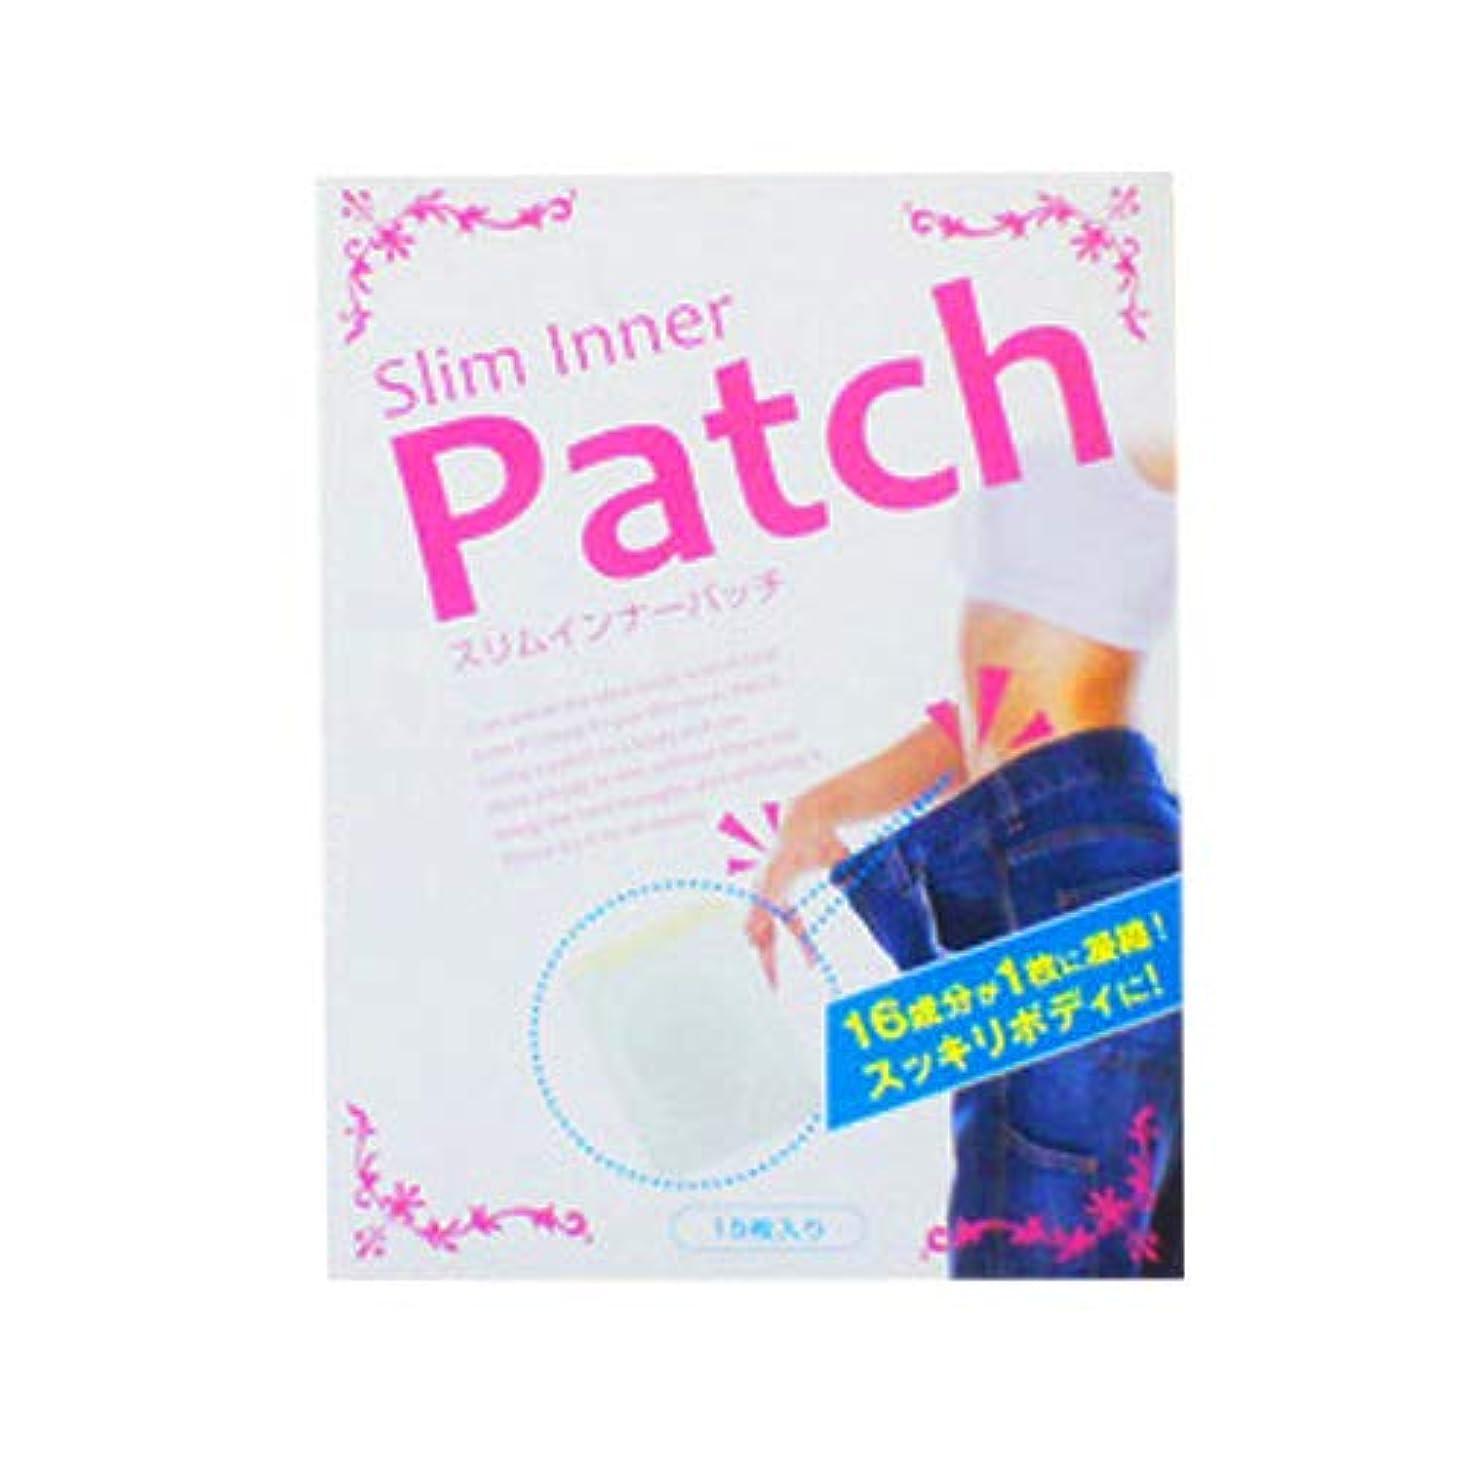 ヘッジレンド激怒Slim inner Patch(スリムインナーパッチ) (1個)